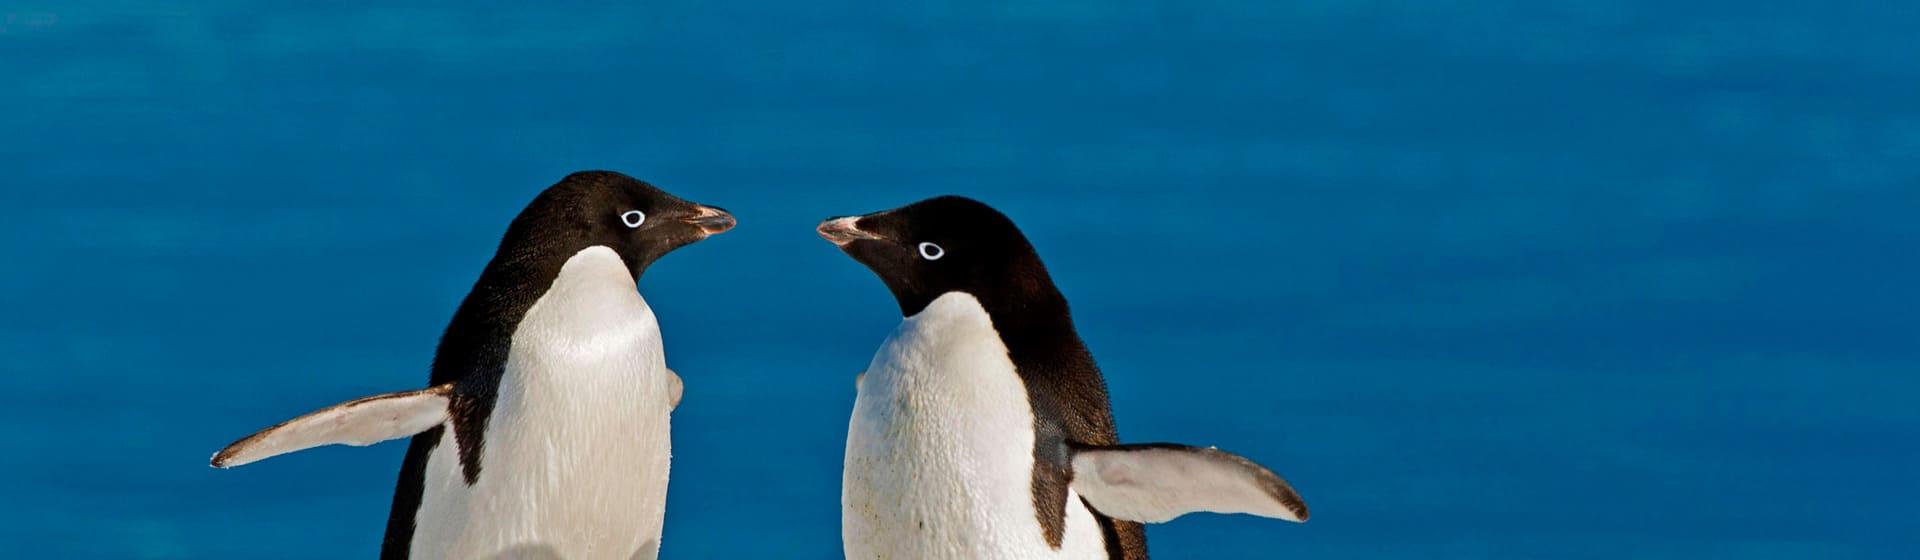 Пингвины - Мерч и одежда с атрибутикой